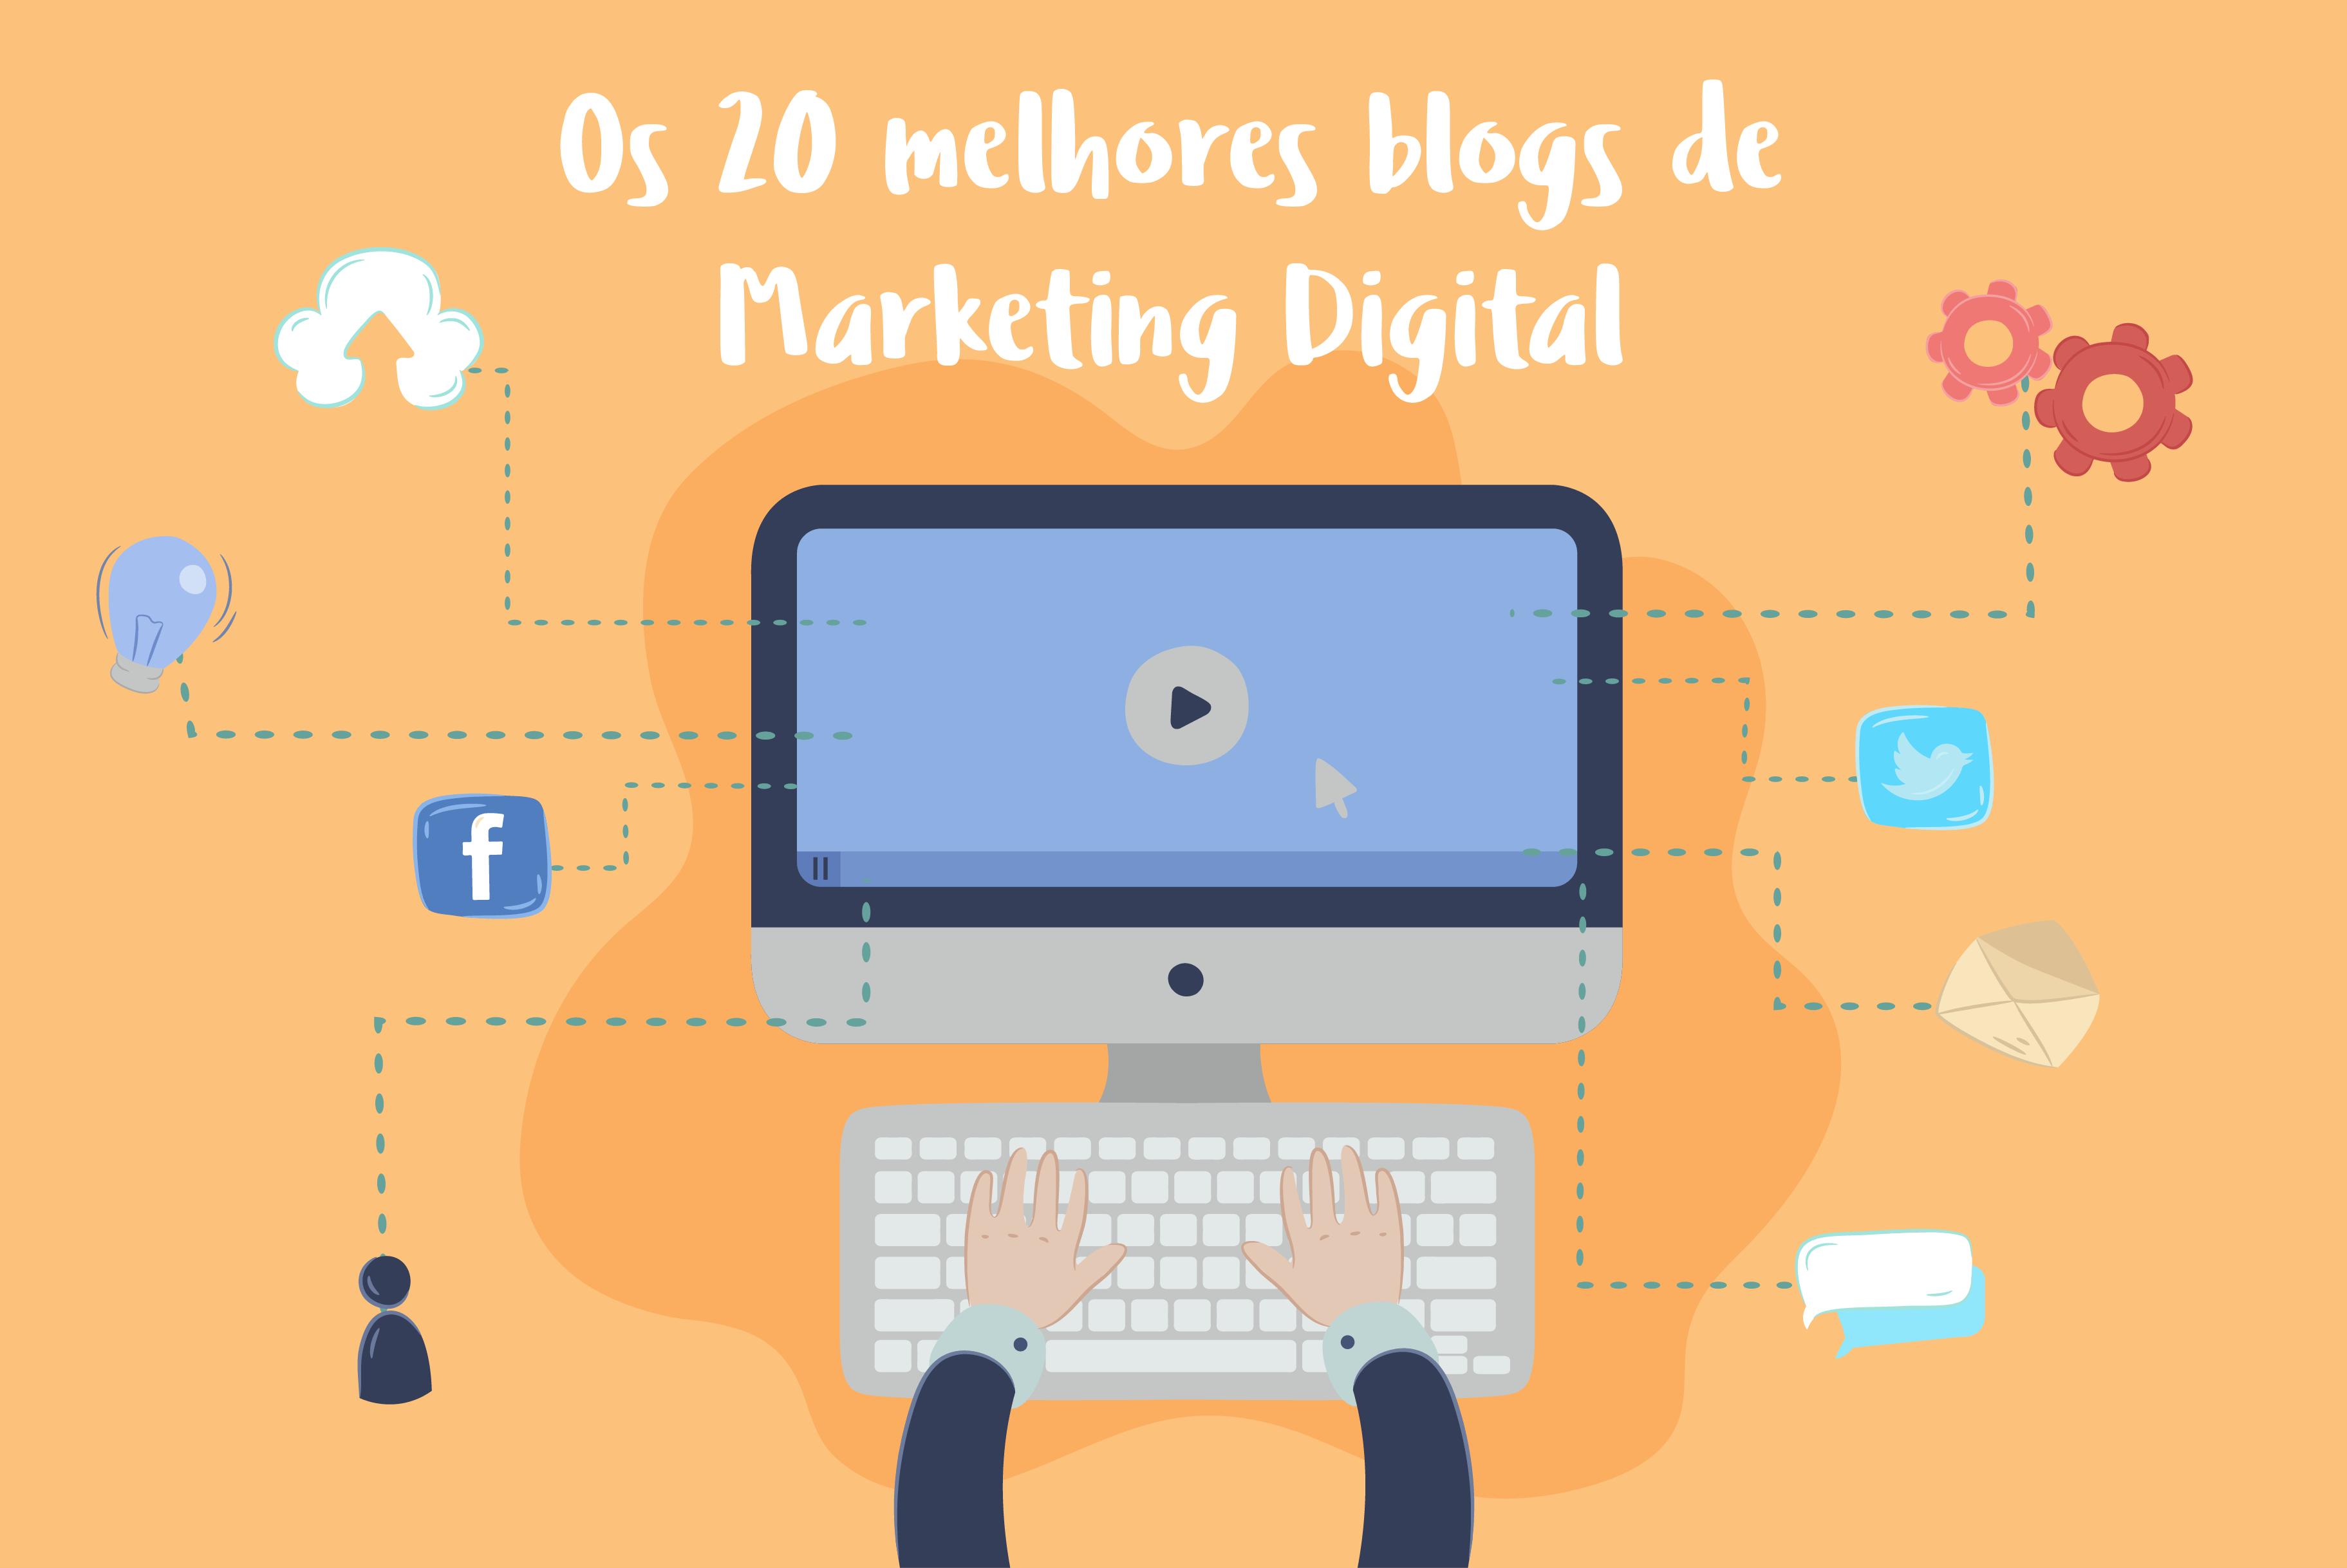 Os melhores 20 blogs de Marketing Digital que você precisa seguir